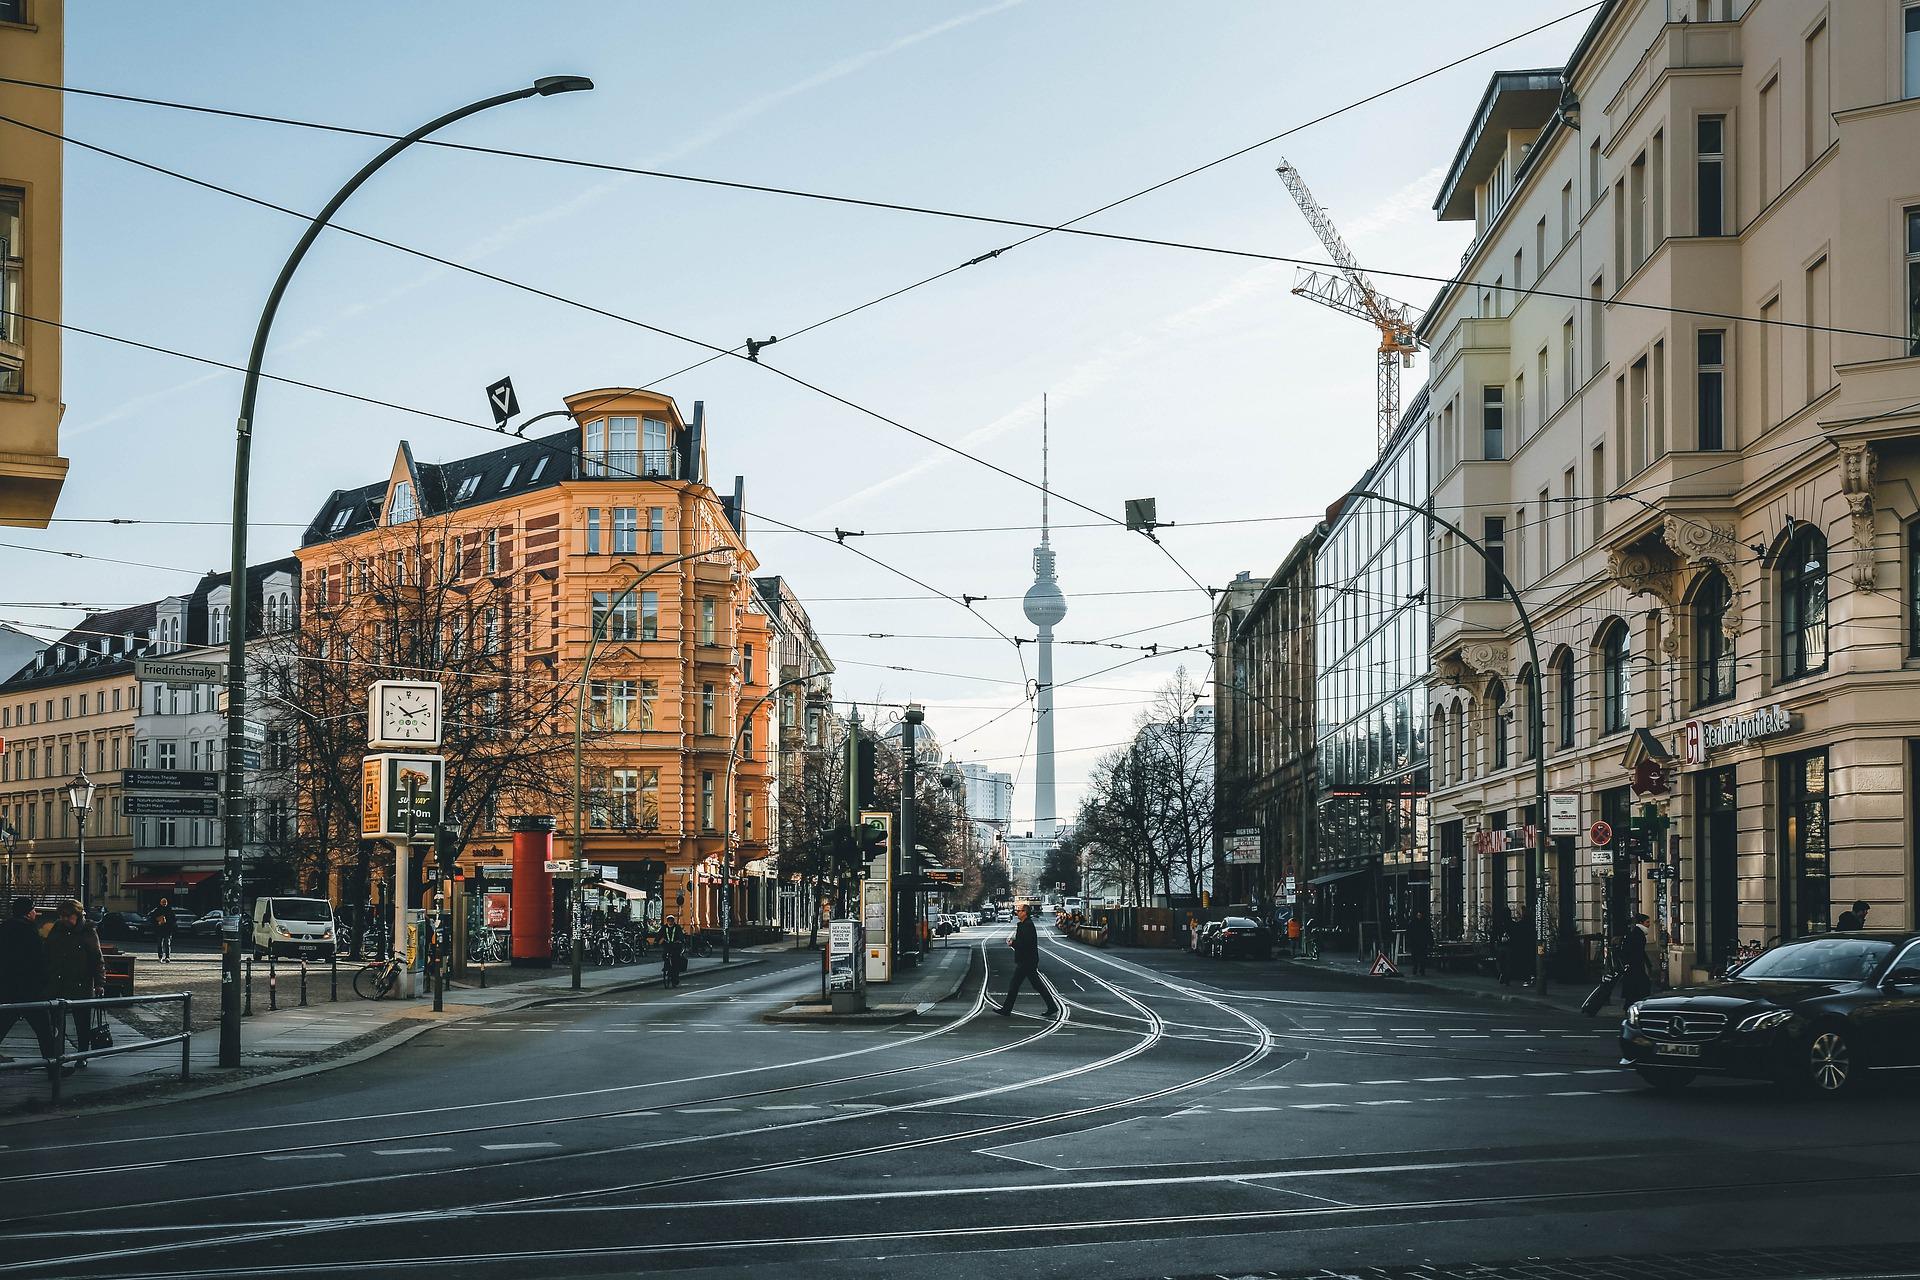 berlin-innenstad-alexanderturm.jpg?1574702021